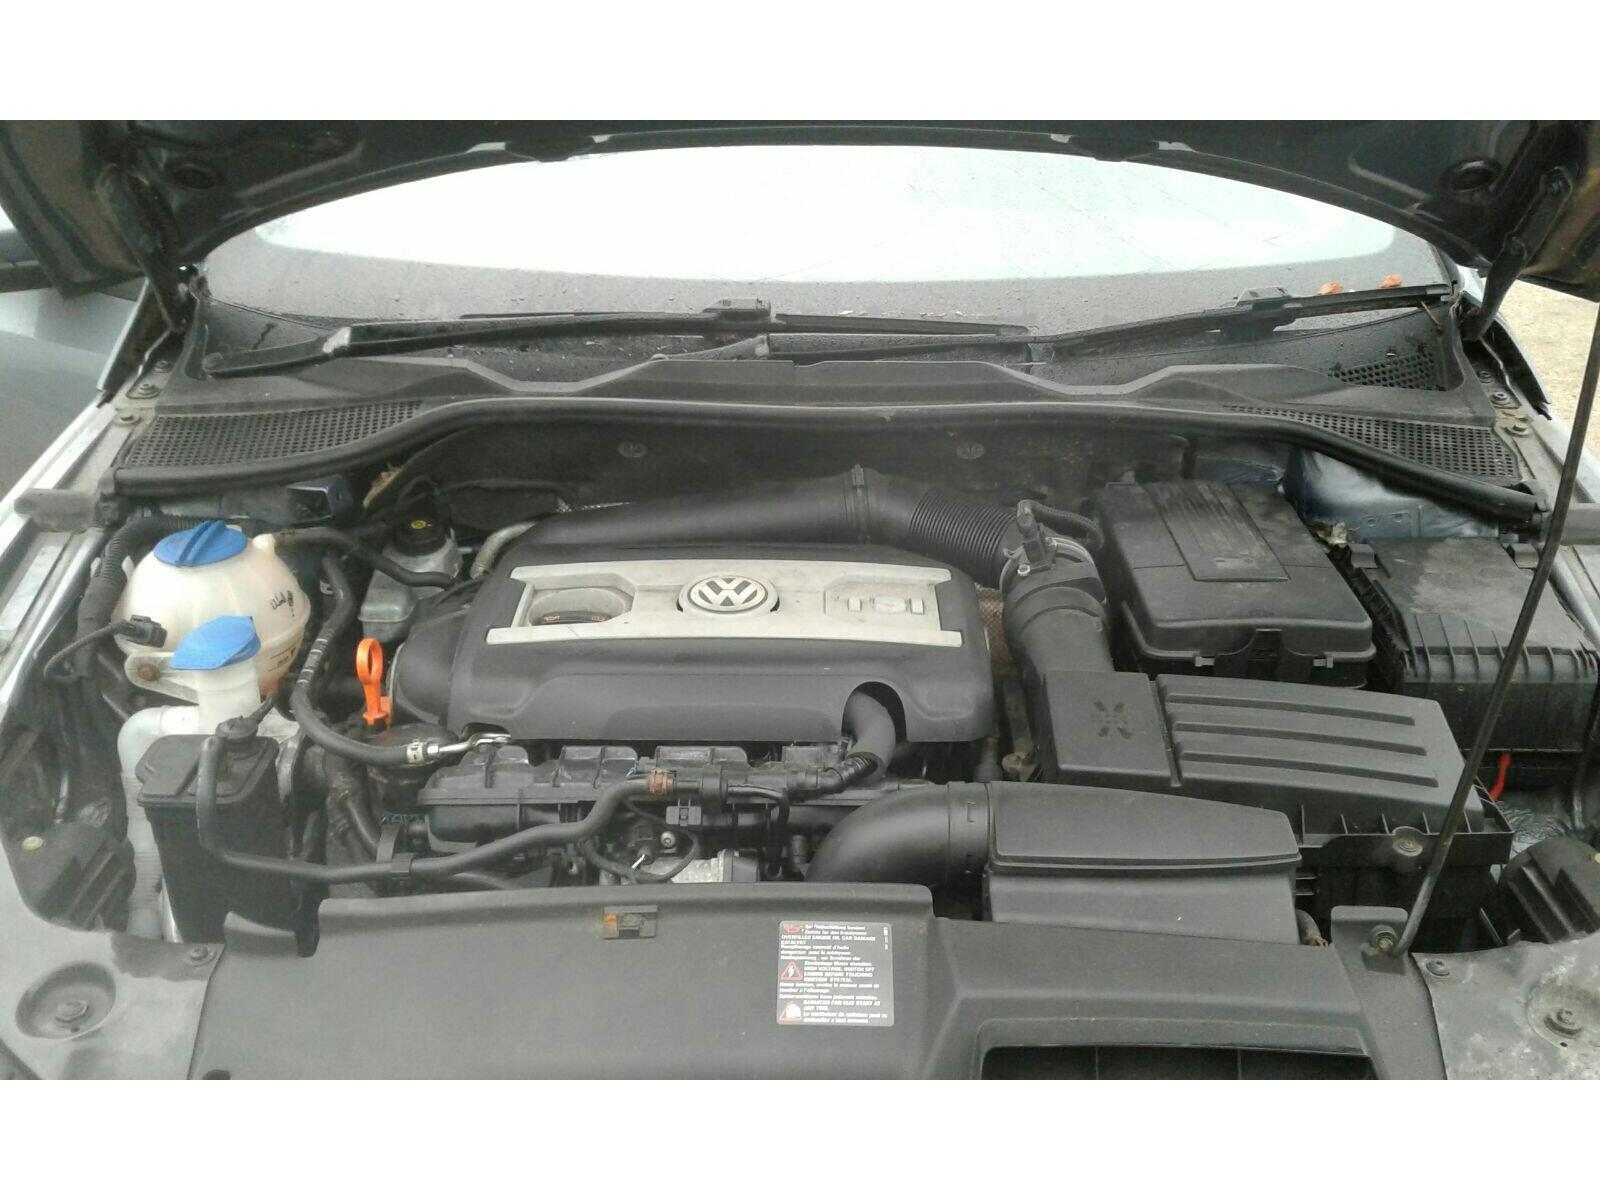 2009 Volkswagen Scirocco 2009 To 2014 3 Door Coupe (Petrol